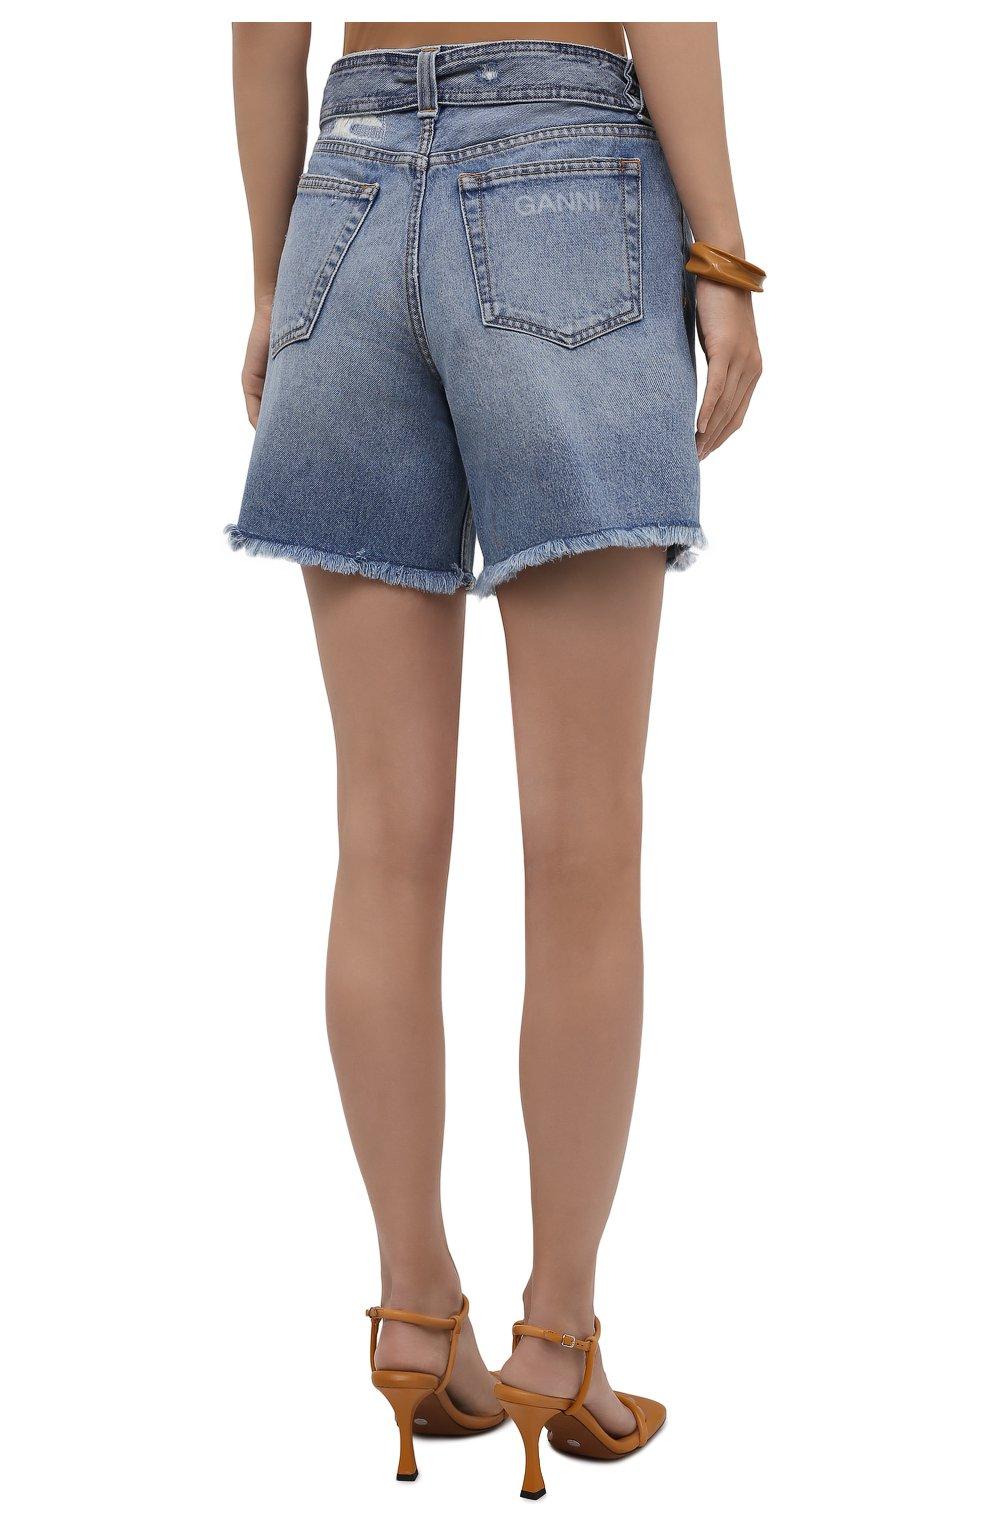 Женские джинсовые шорты GANNI синего цвета, арт. F5795 | Фото 4 (Женское Кросс-КТ: Шорты-одежда; Кросс-КТ: Деним; Длина Ж (юбки, платья, шорты): Мини; Материал внешний: Хлопок; Стили: Спорт-шик)